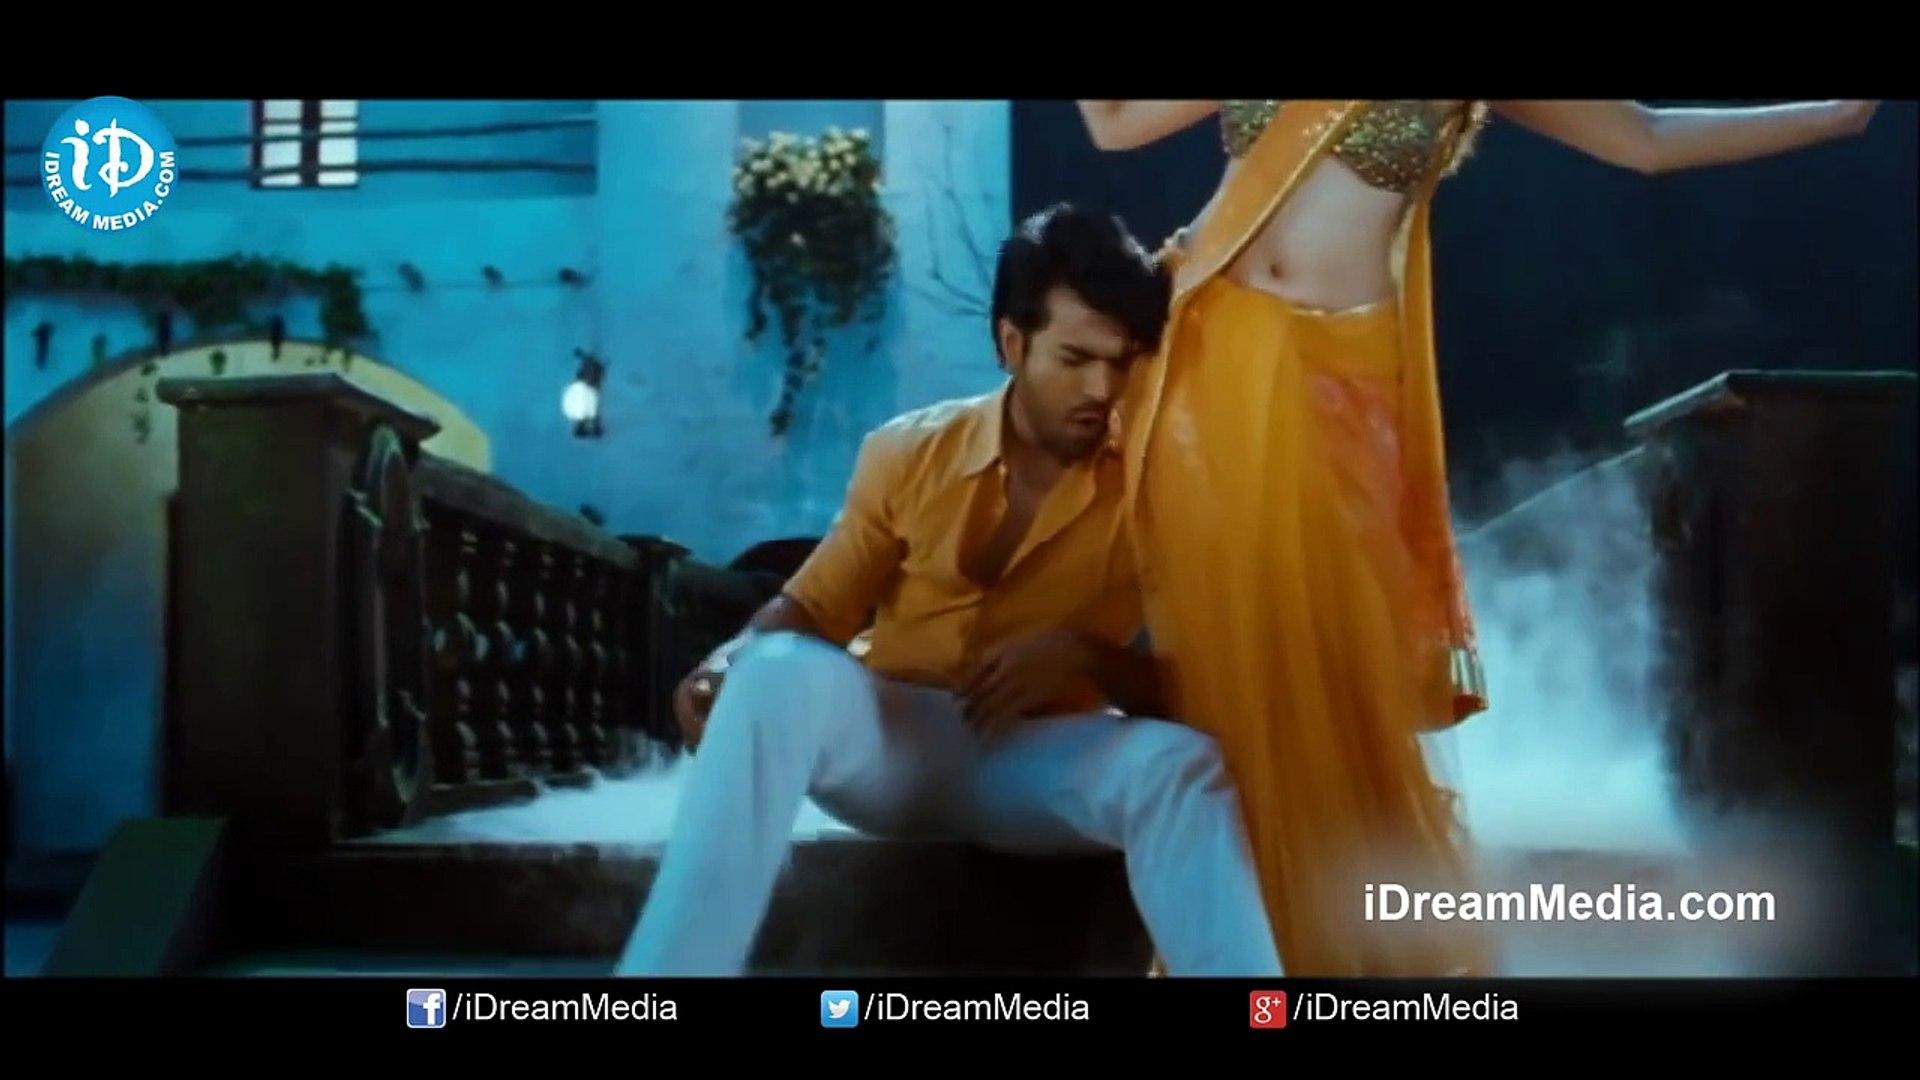 betting raja full movie dailymotion hd new movies